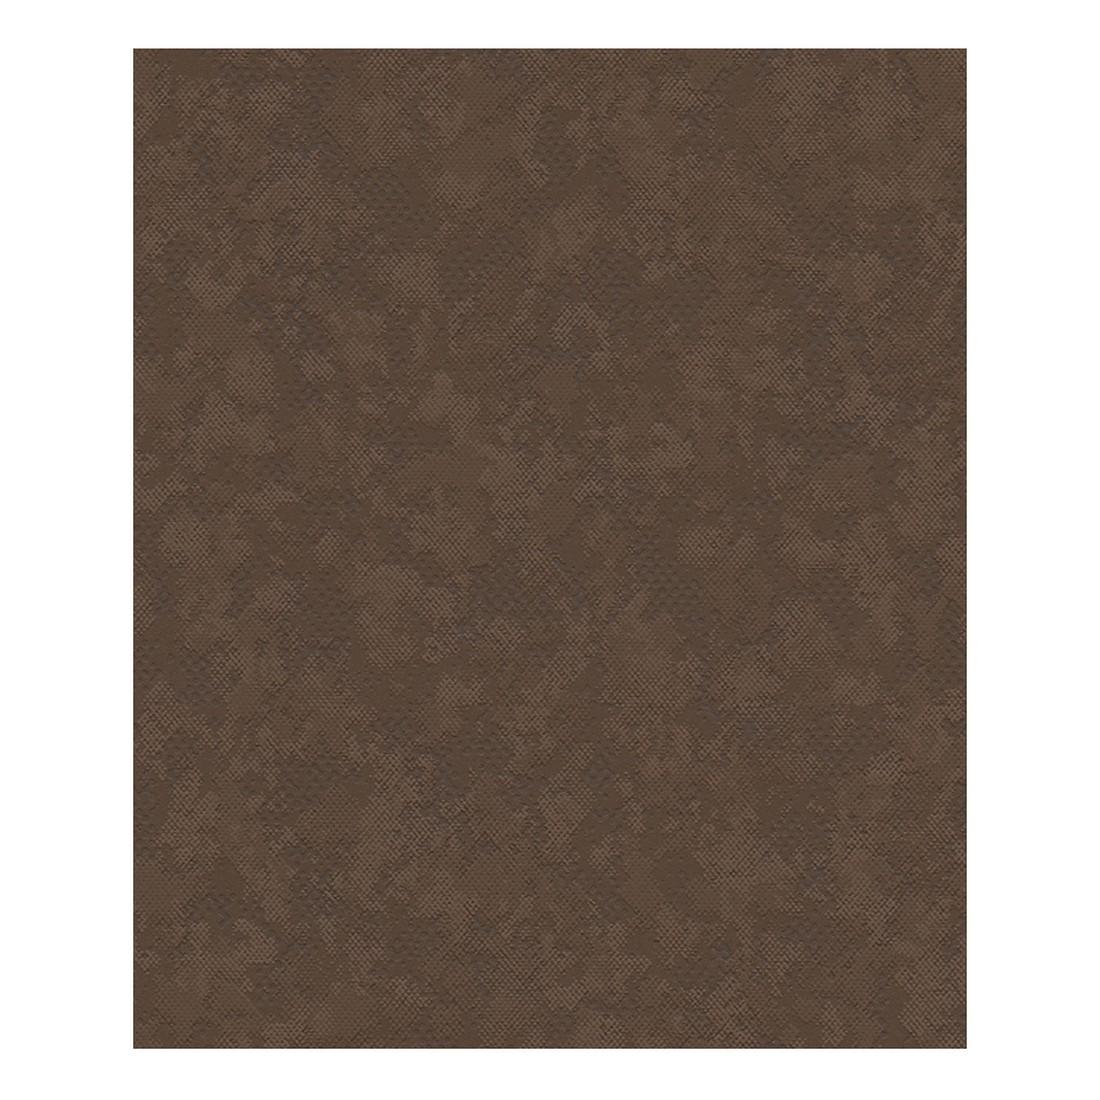 Vliestapete Honolulu – schokoladenbraun – fein strukturiert, strukturiert, Metropolis by Michalsky Living jetzt bestellen